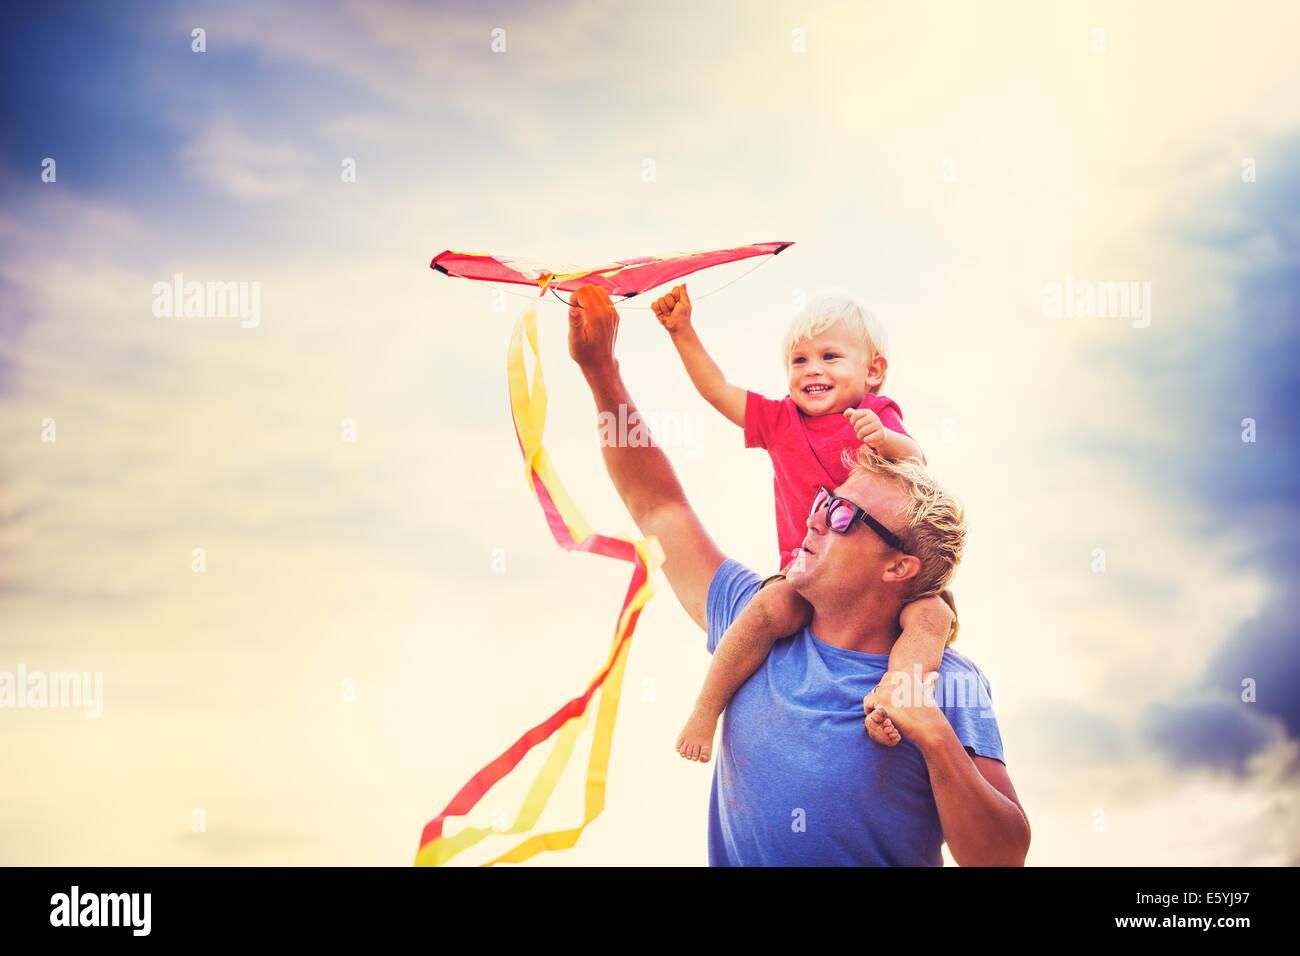 Sohn des Vaters Schulter bei Sonnenuntergang einen Drachen zusammen Stockbild